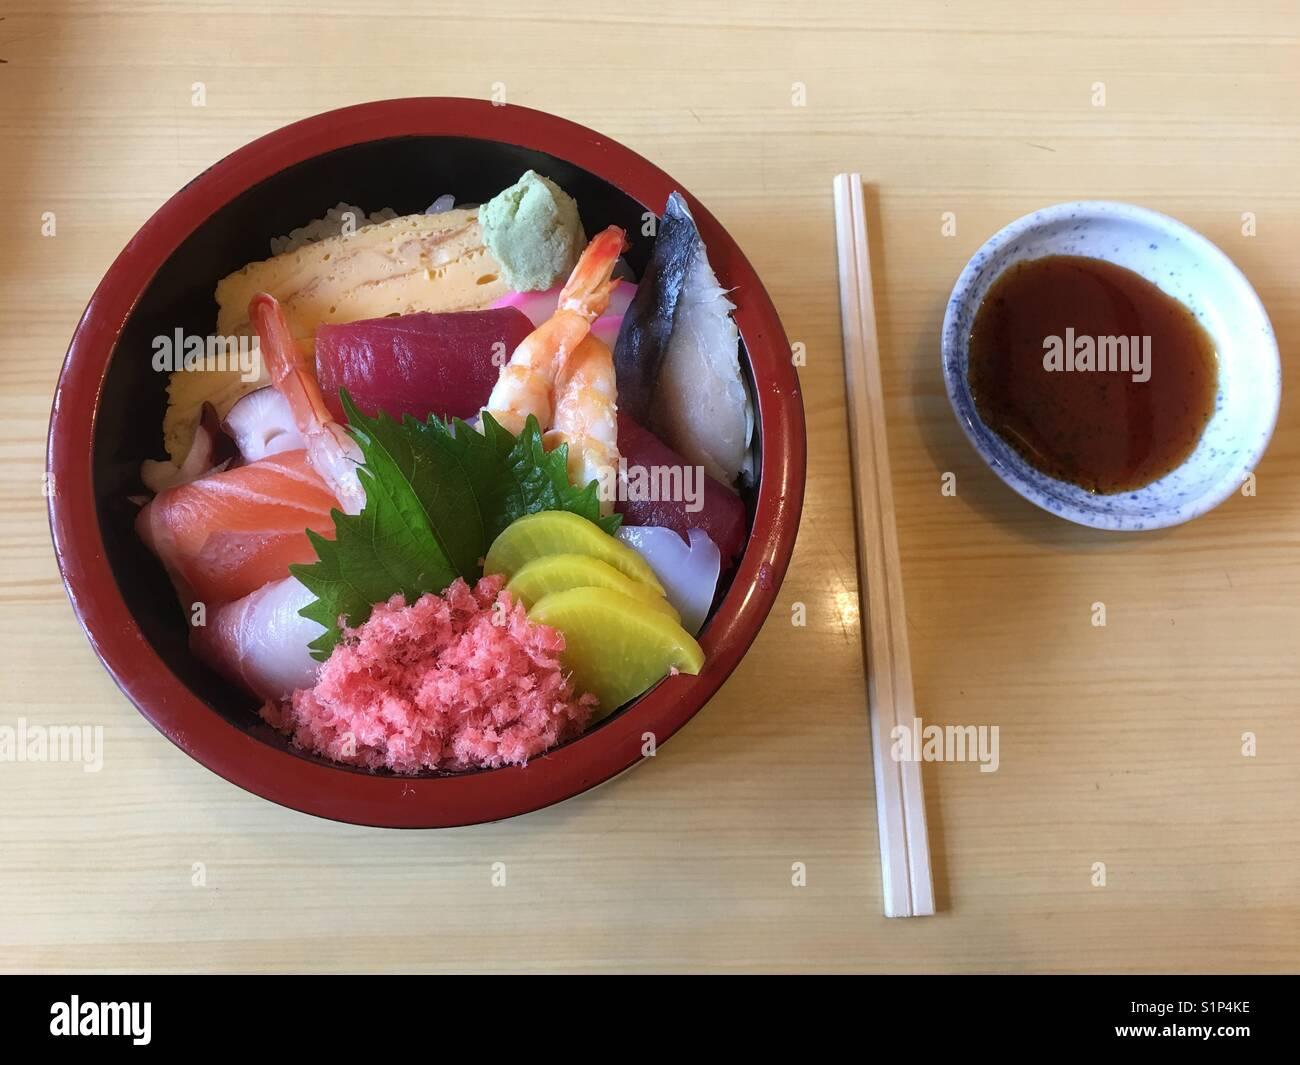 Sushi bowl - Stock Image